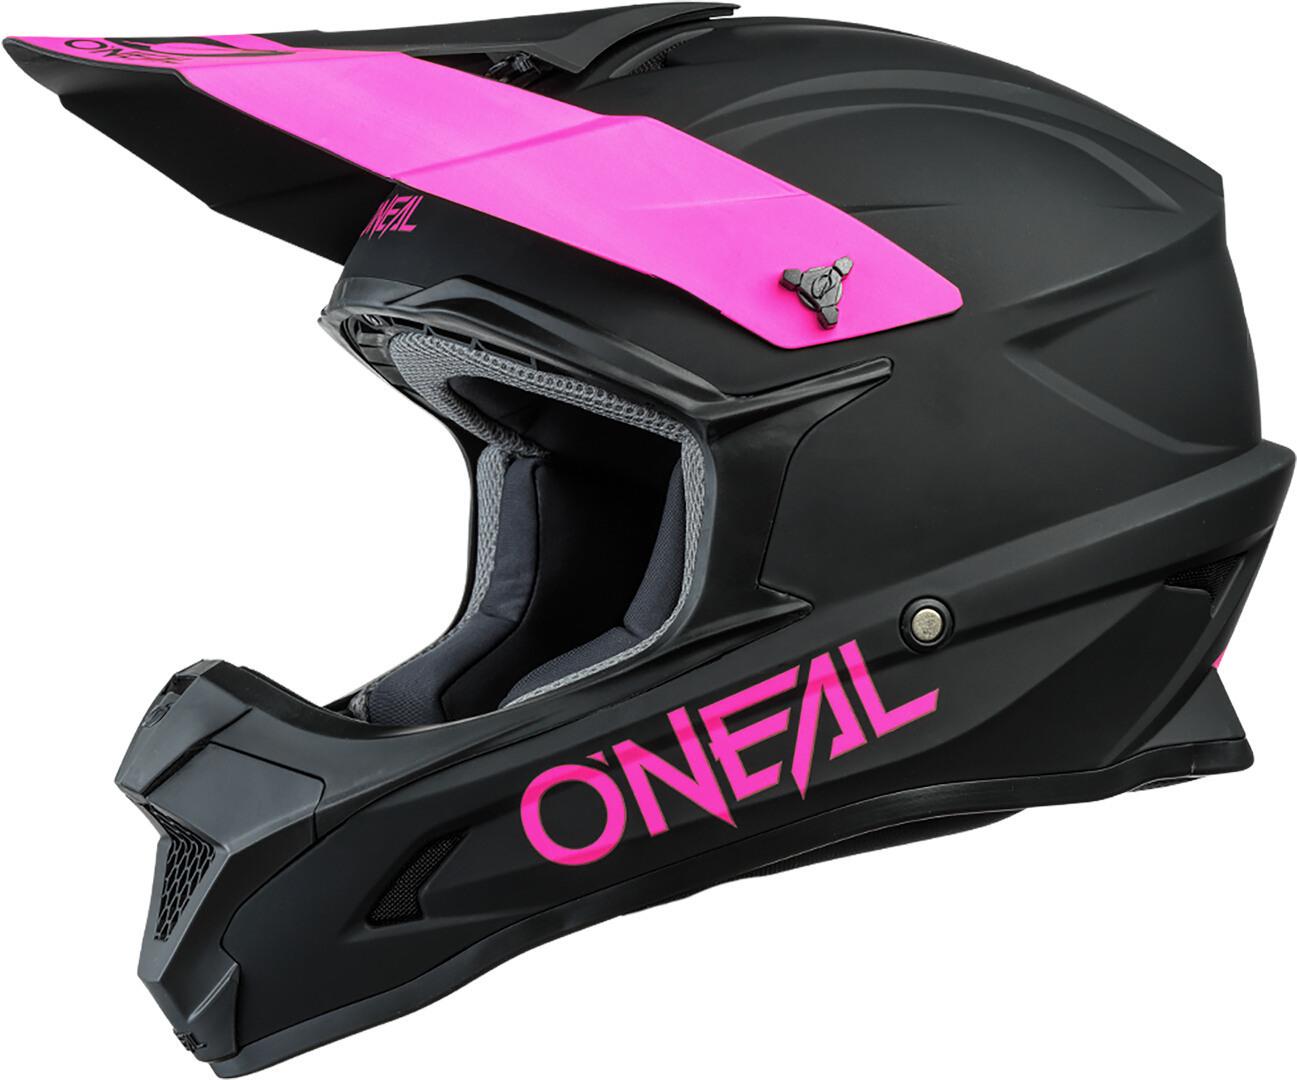 Oneal 1Series Solid Motocross Helm, schwarz-pink, Größe 2XL, schwarz-pink, Größe 2XL